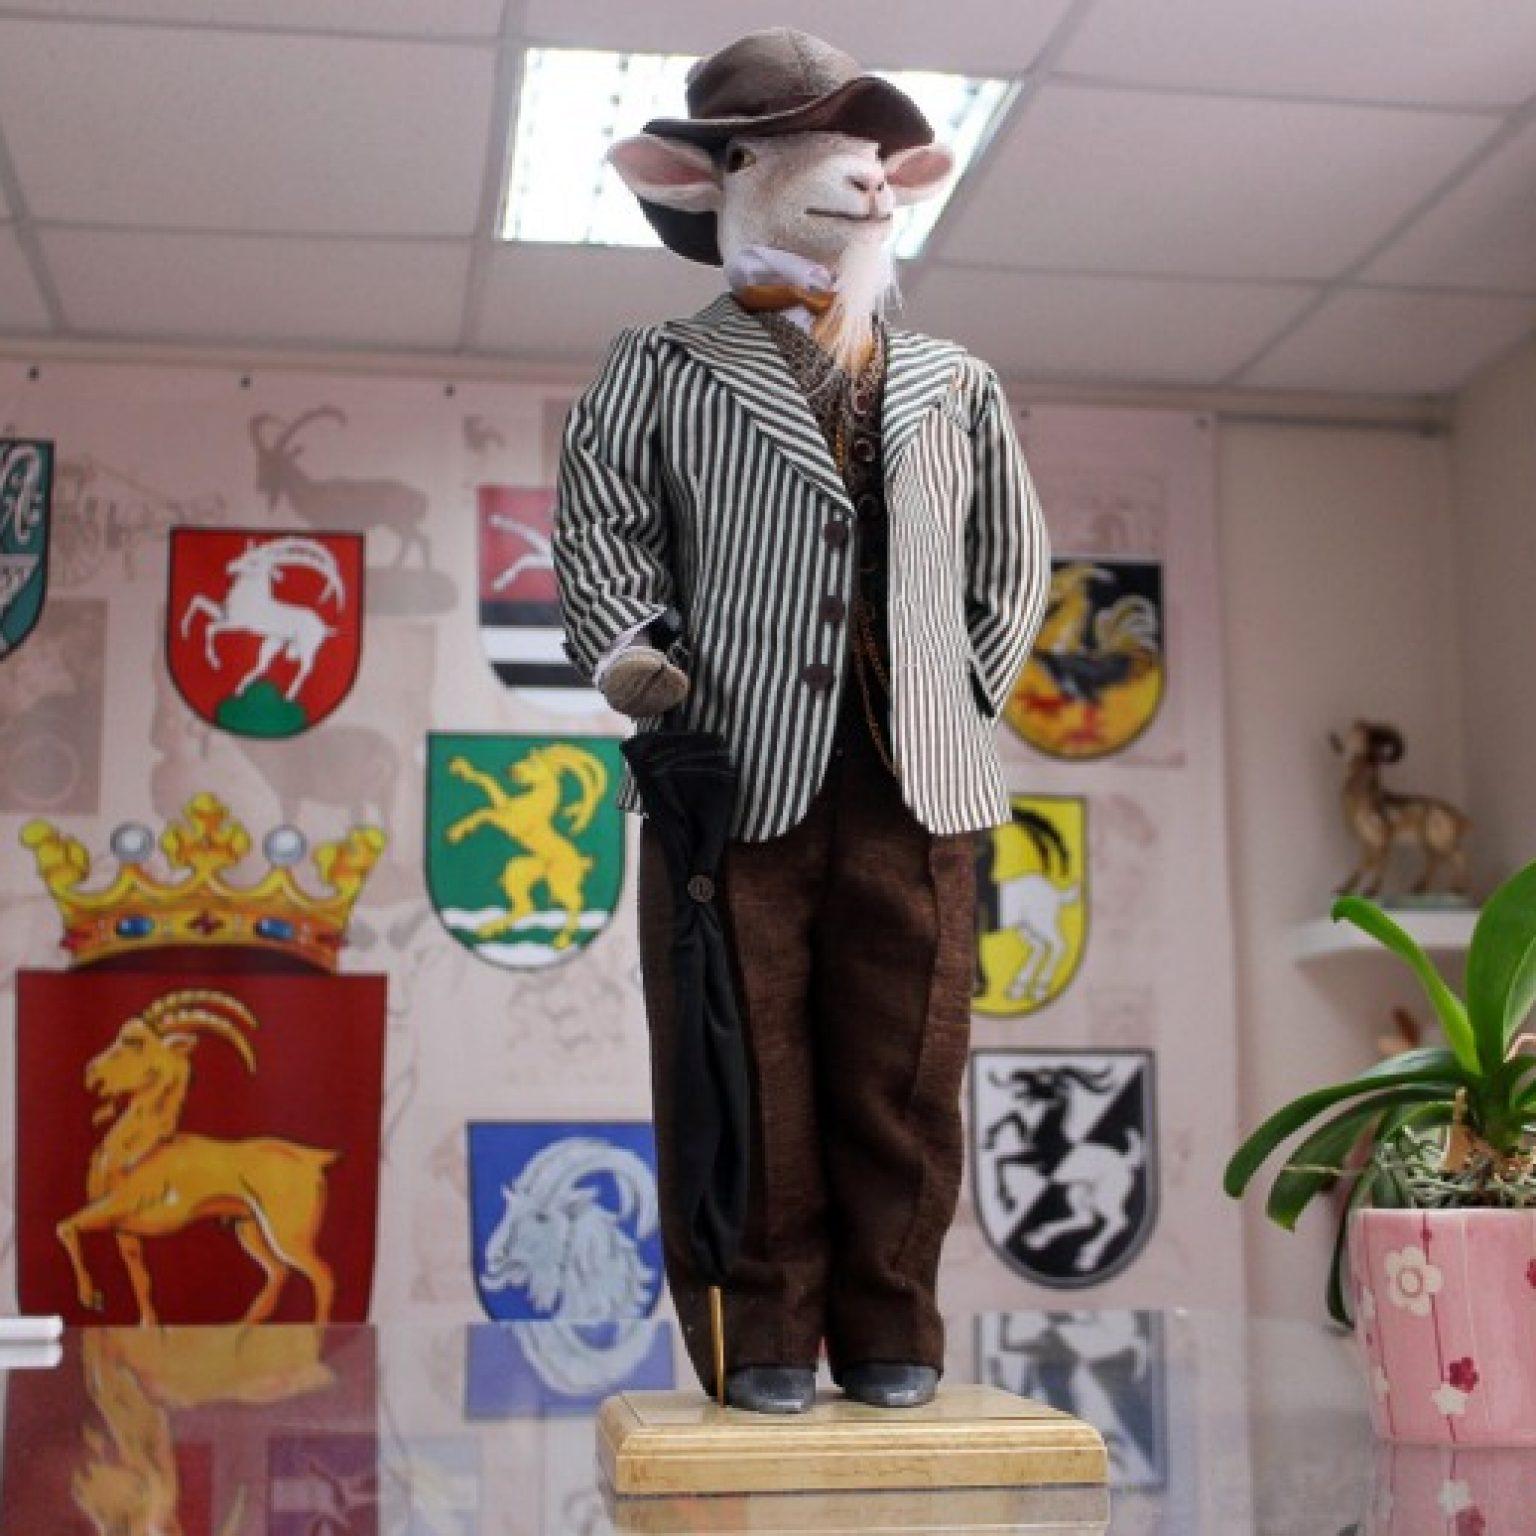 Достопримечательности Твери: Музей козла